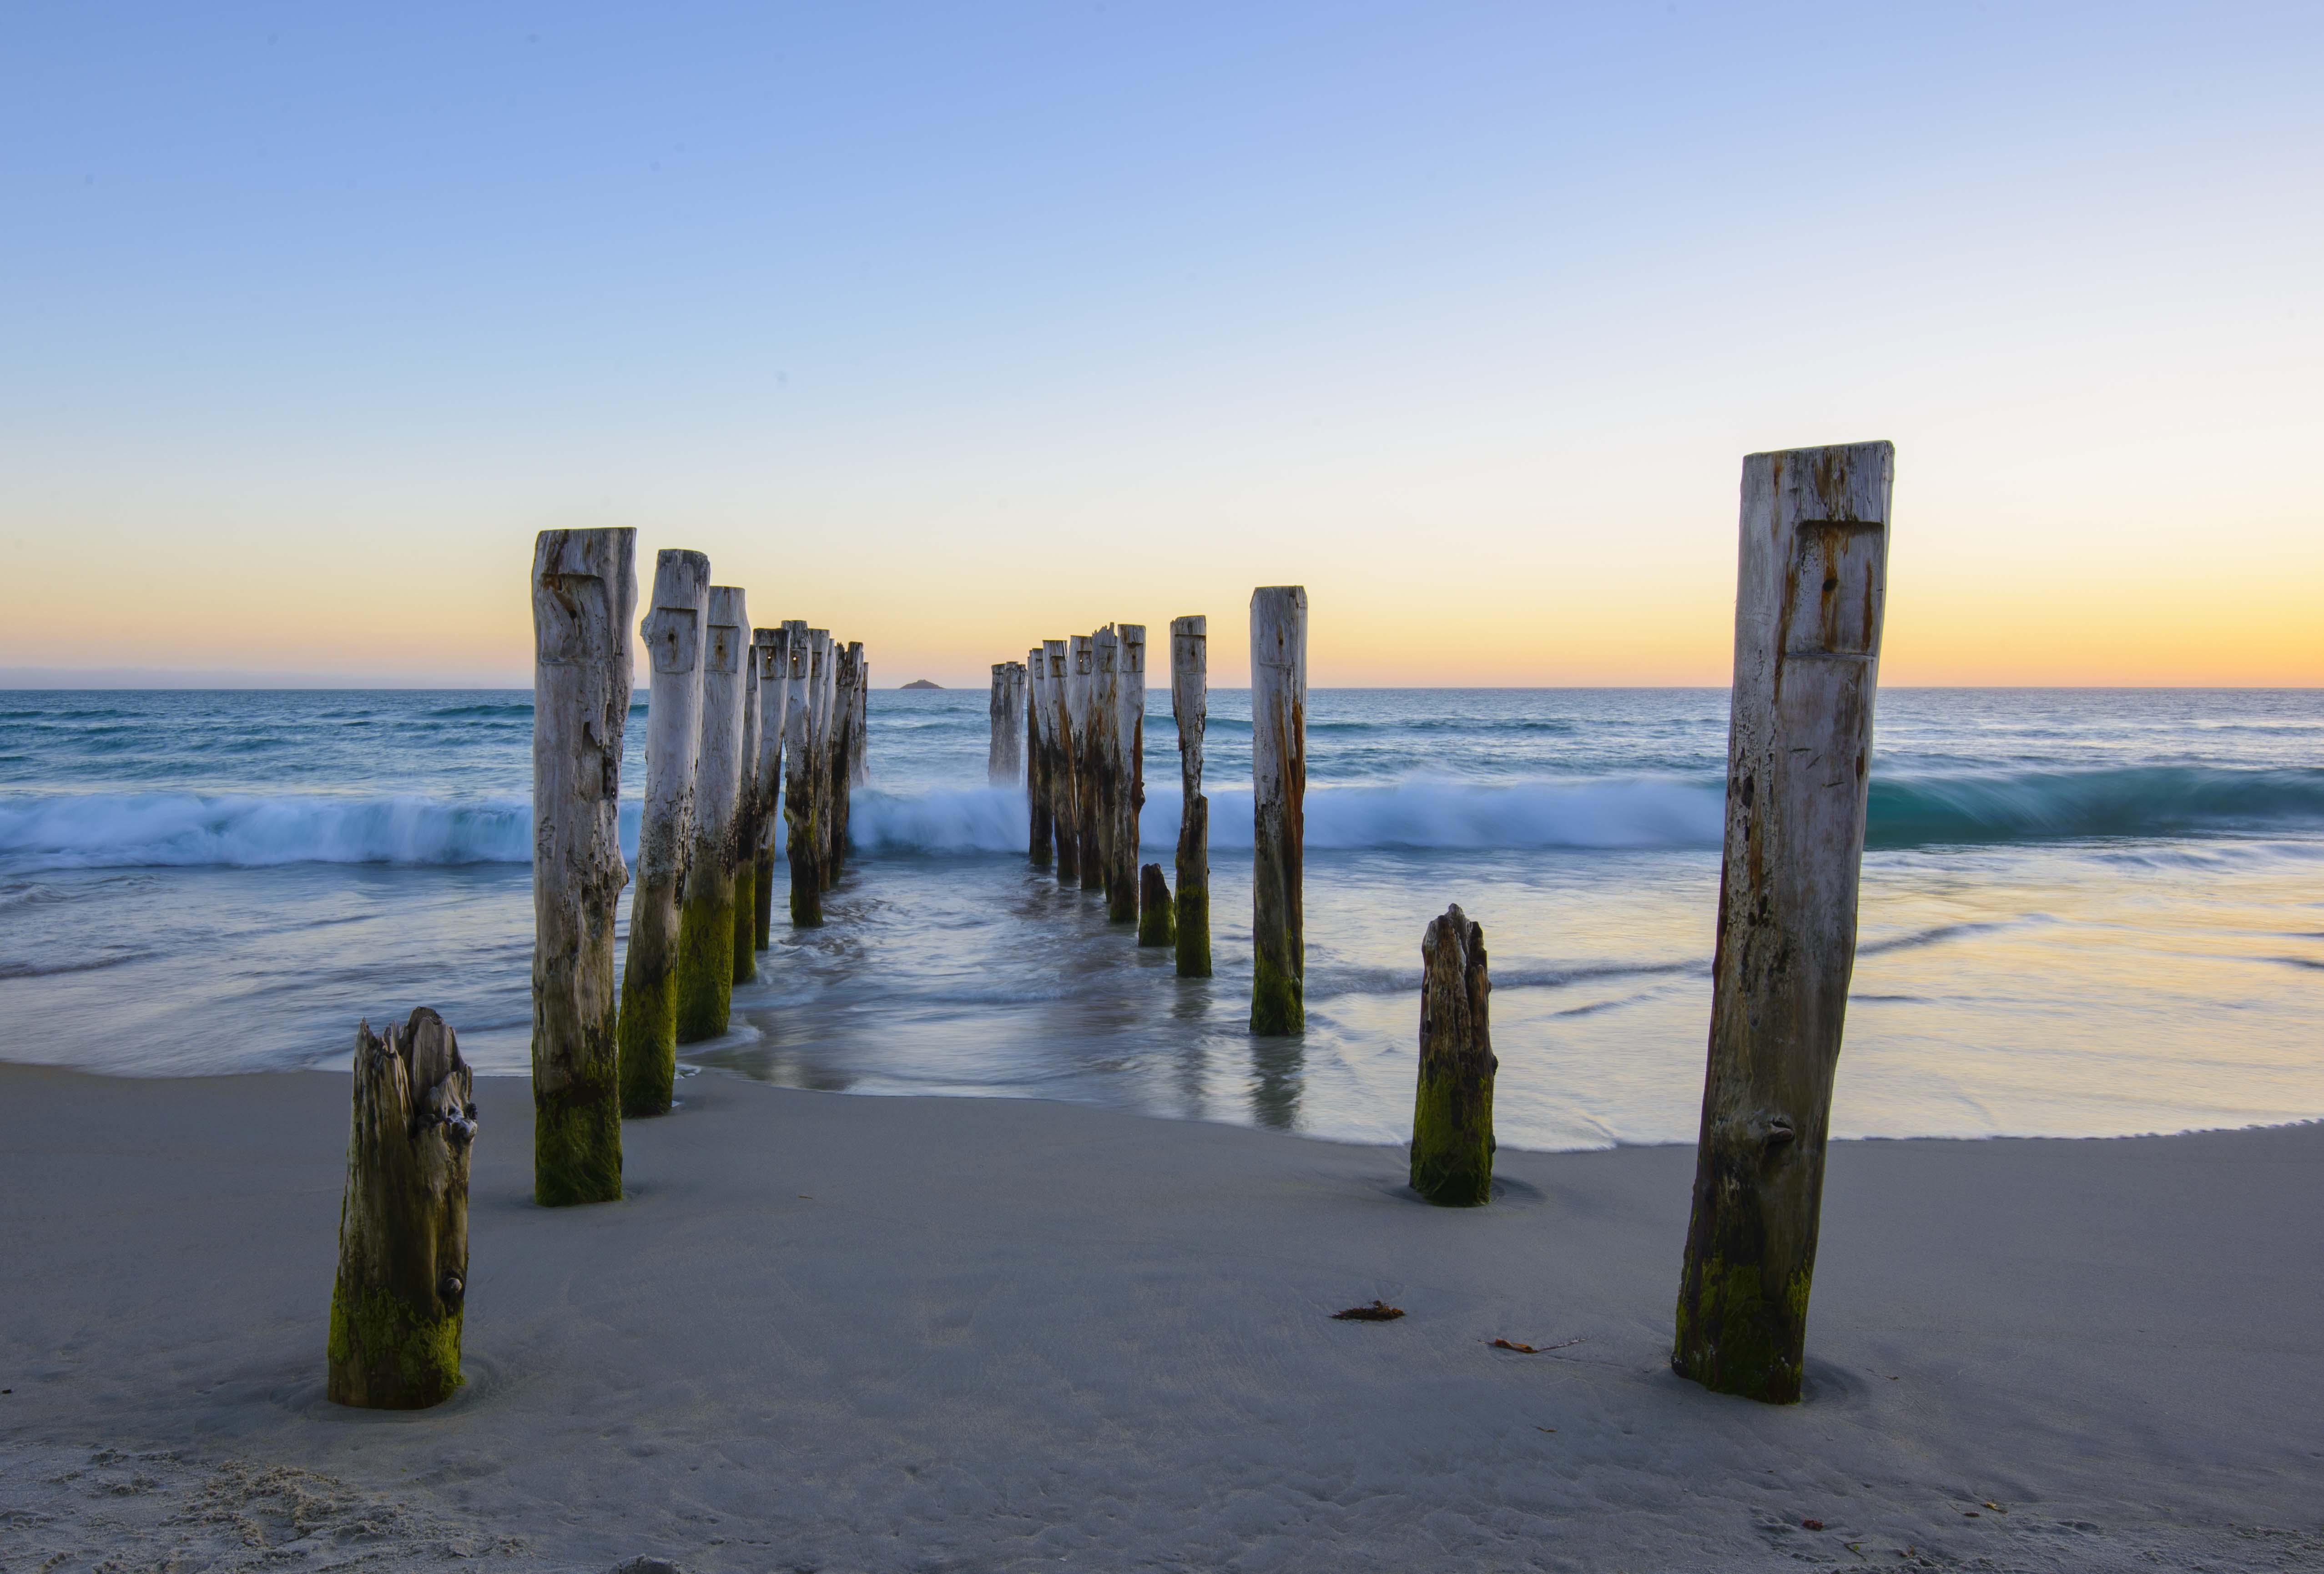 St Clair Beach Poles